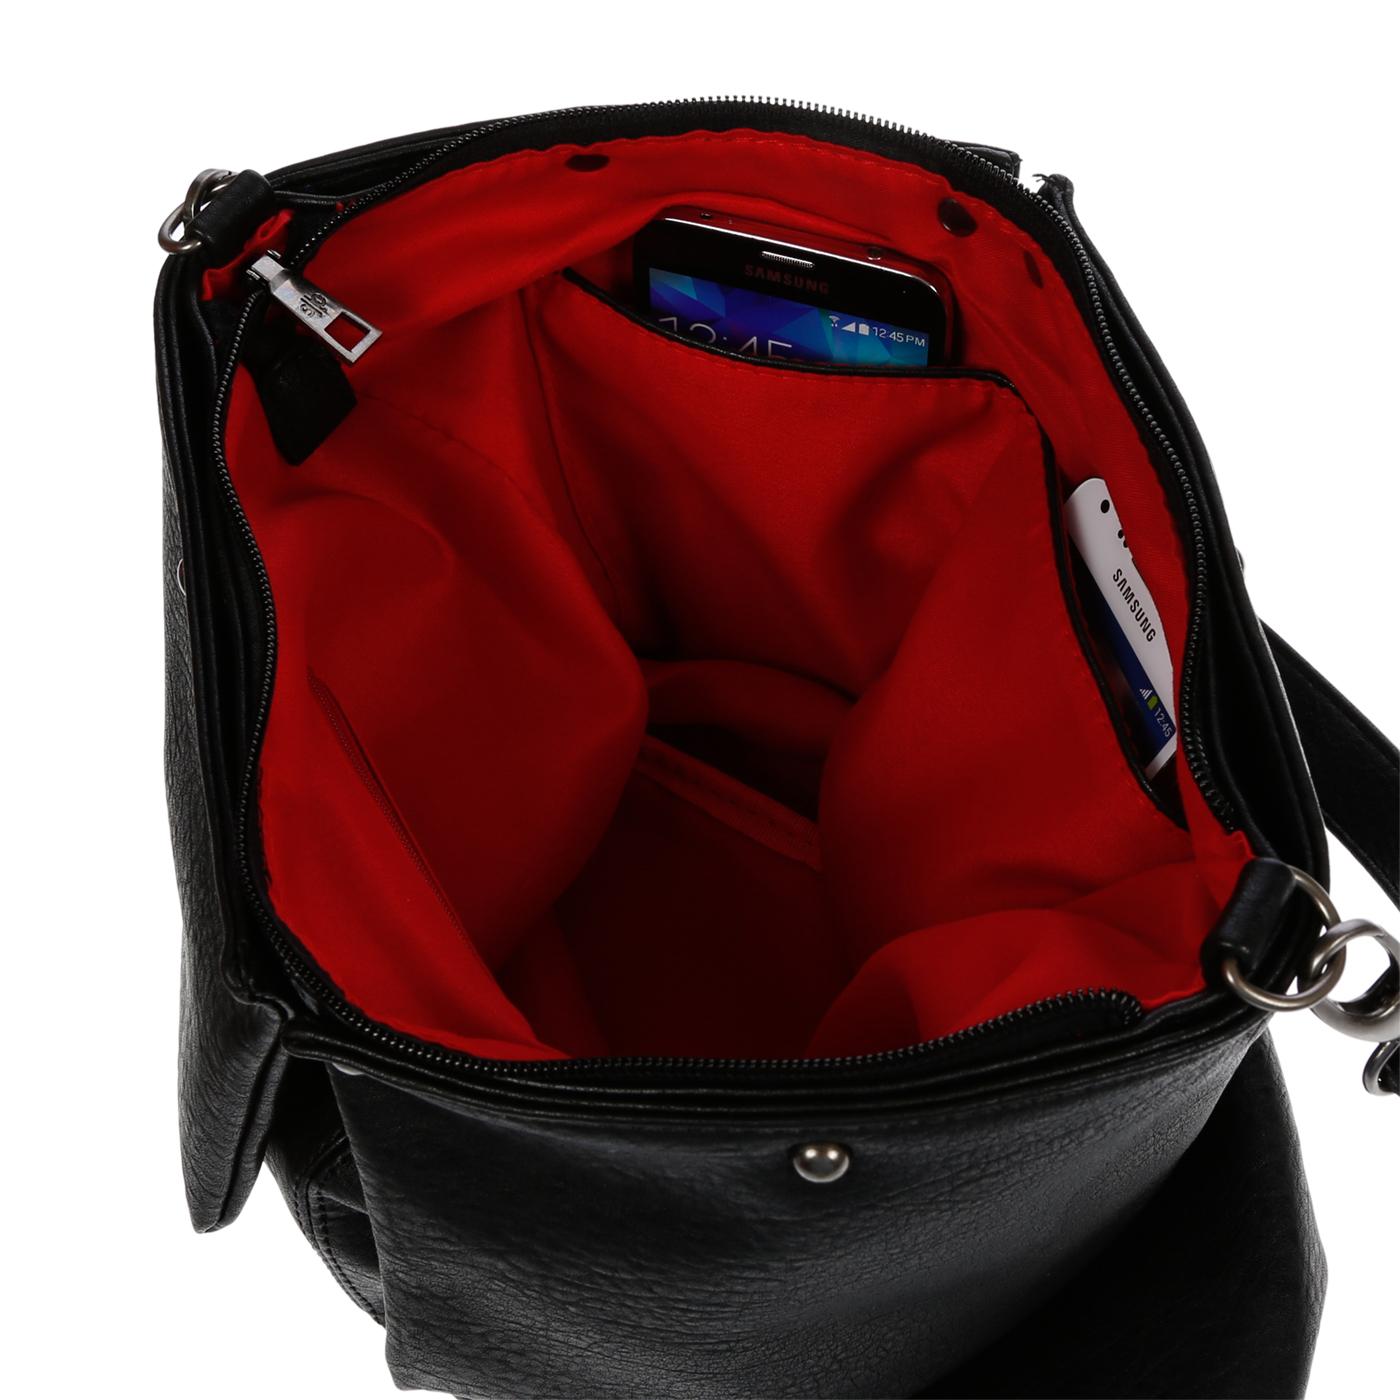 Damentasche-Umhaengetasche-Handtasche-Schultertasche-Leder-Optik-Tasche-Schwarz Indexbild 10